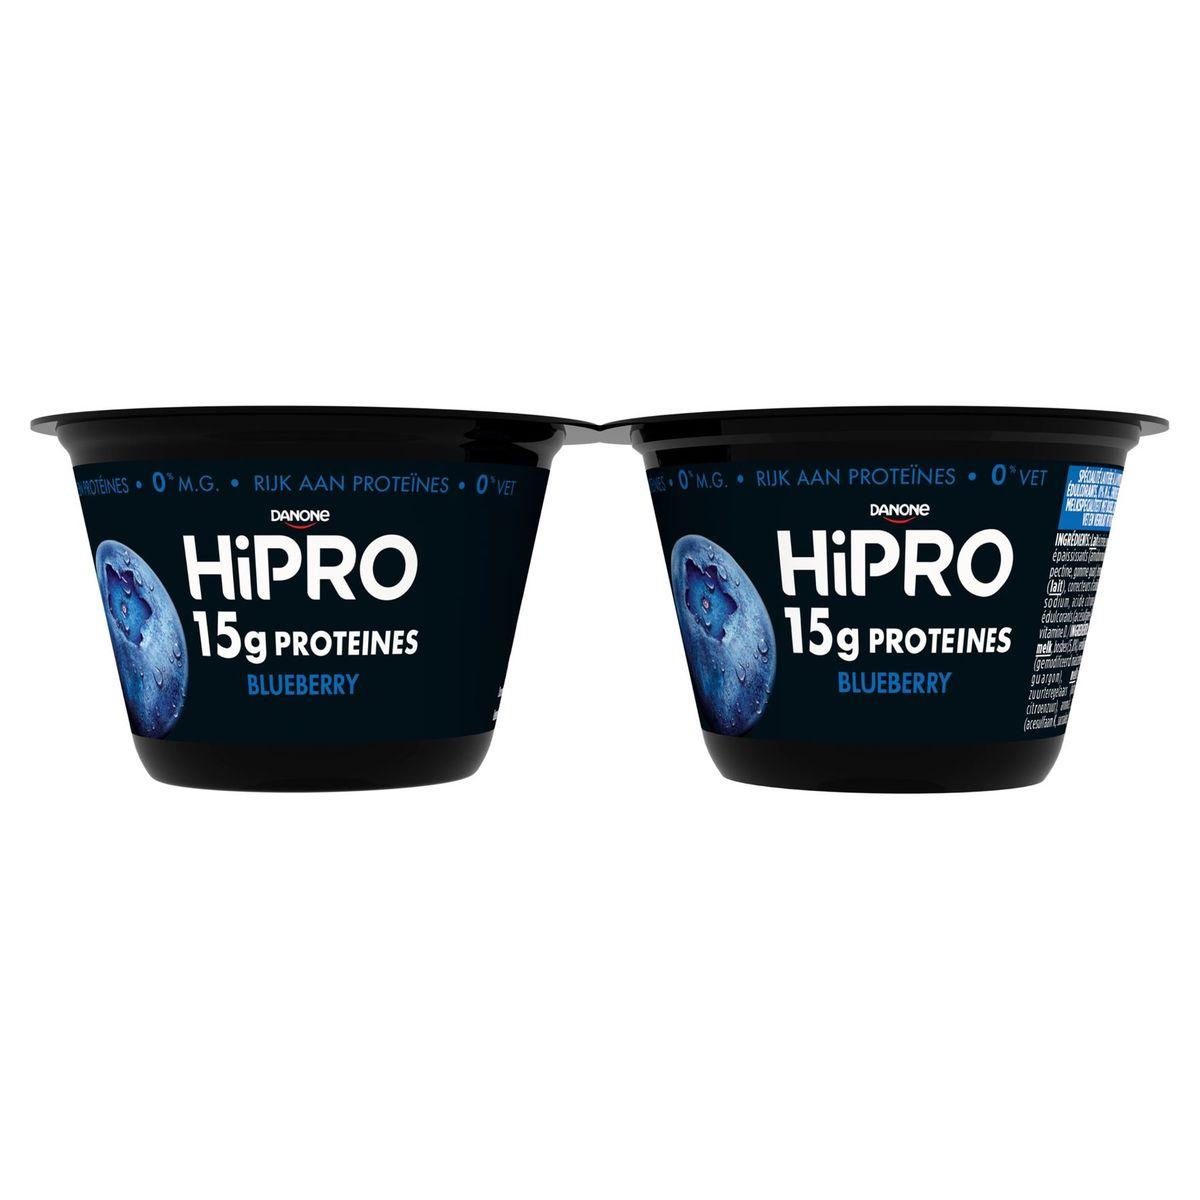 HiPRO en Pot Myrtille avec 15 g de Protéines 2 x 160 g